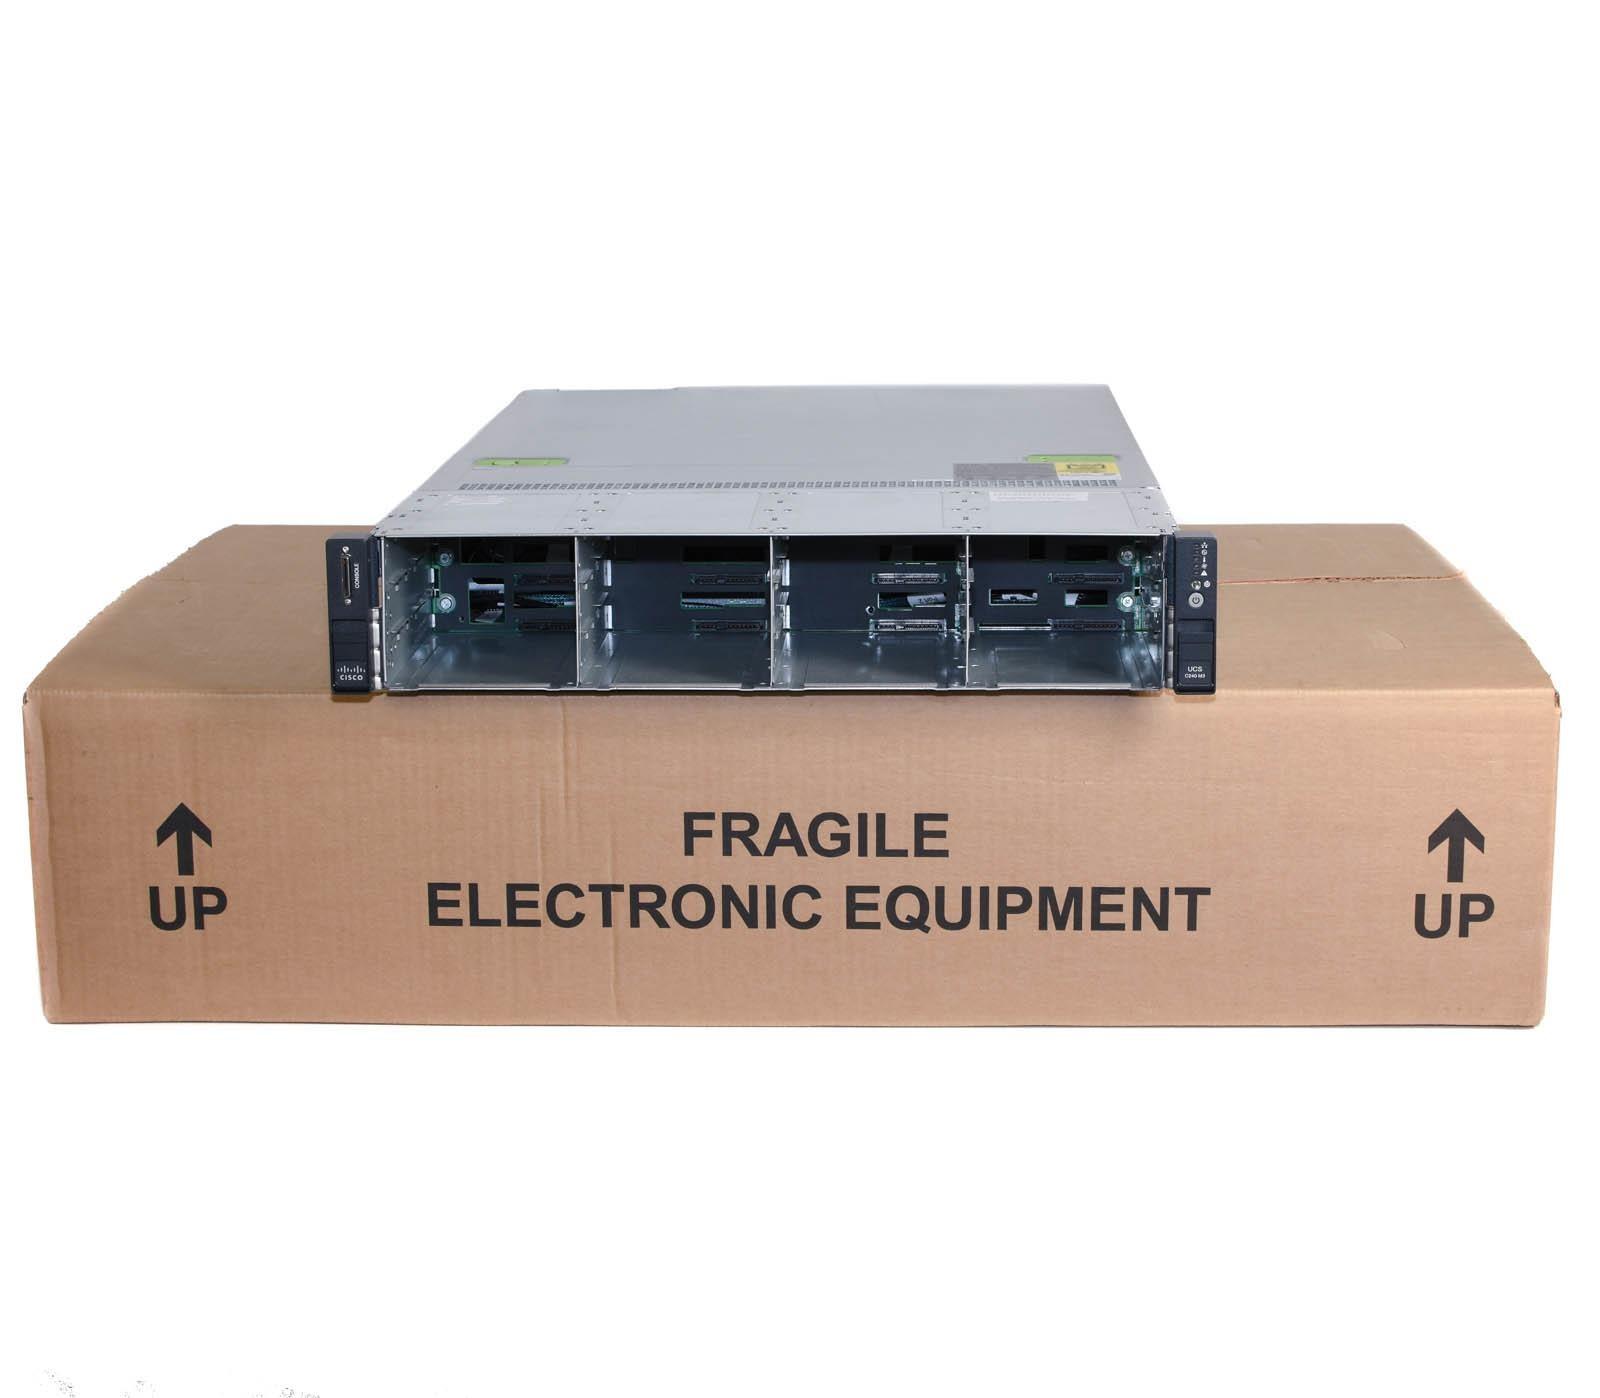 84544-UCSC-C240-M3L_37760_base